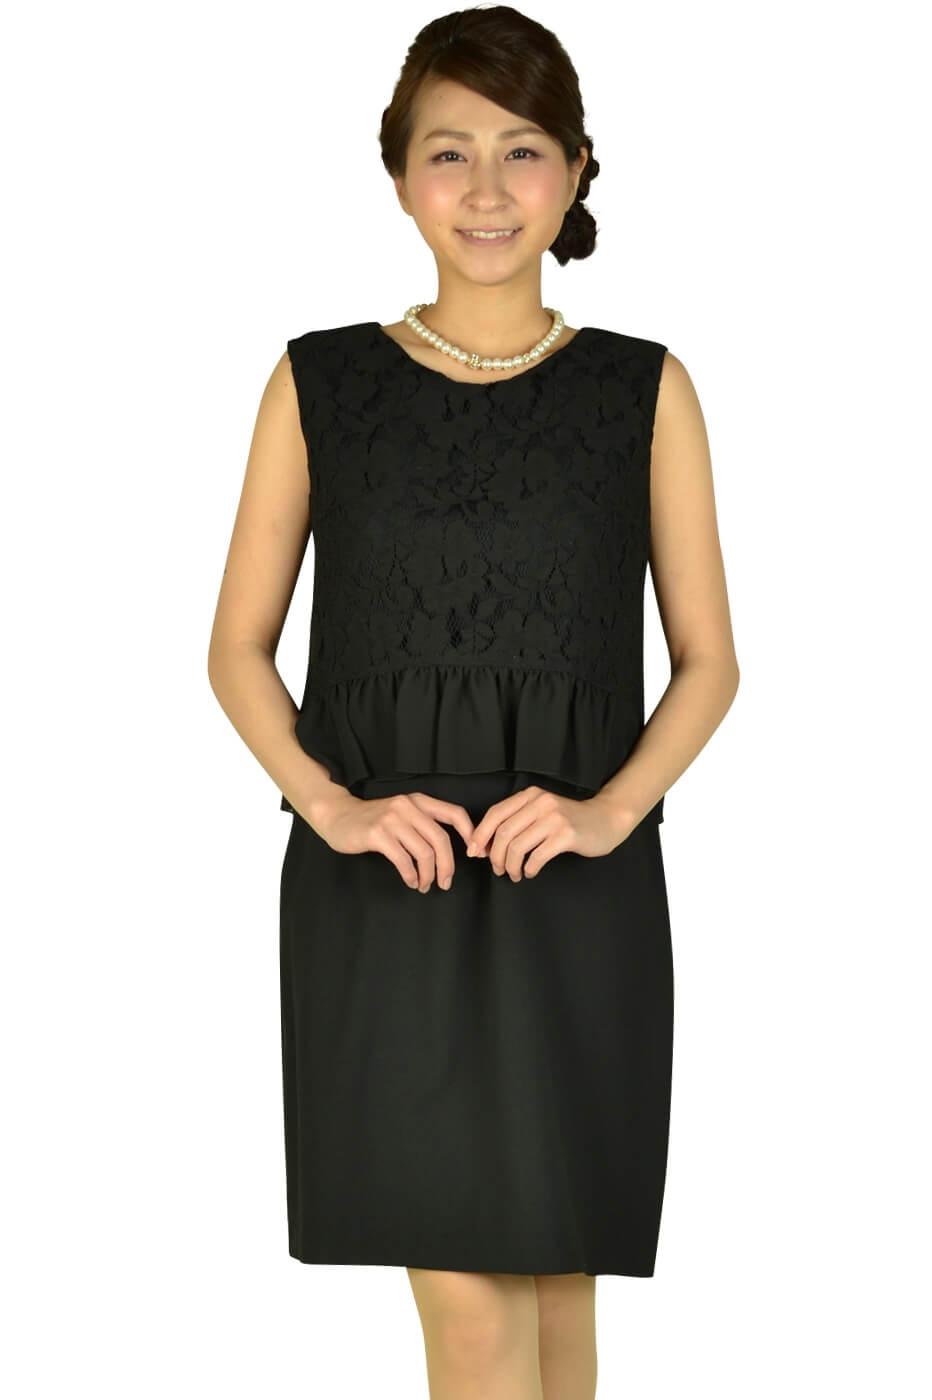 エクリュフィル(ecruefil)ブラックレーストップスドレス